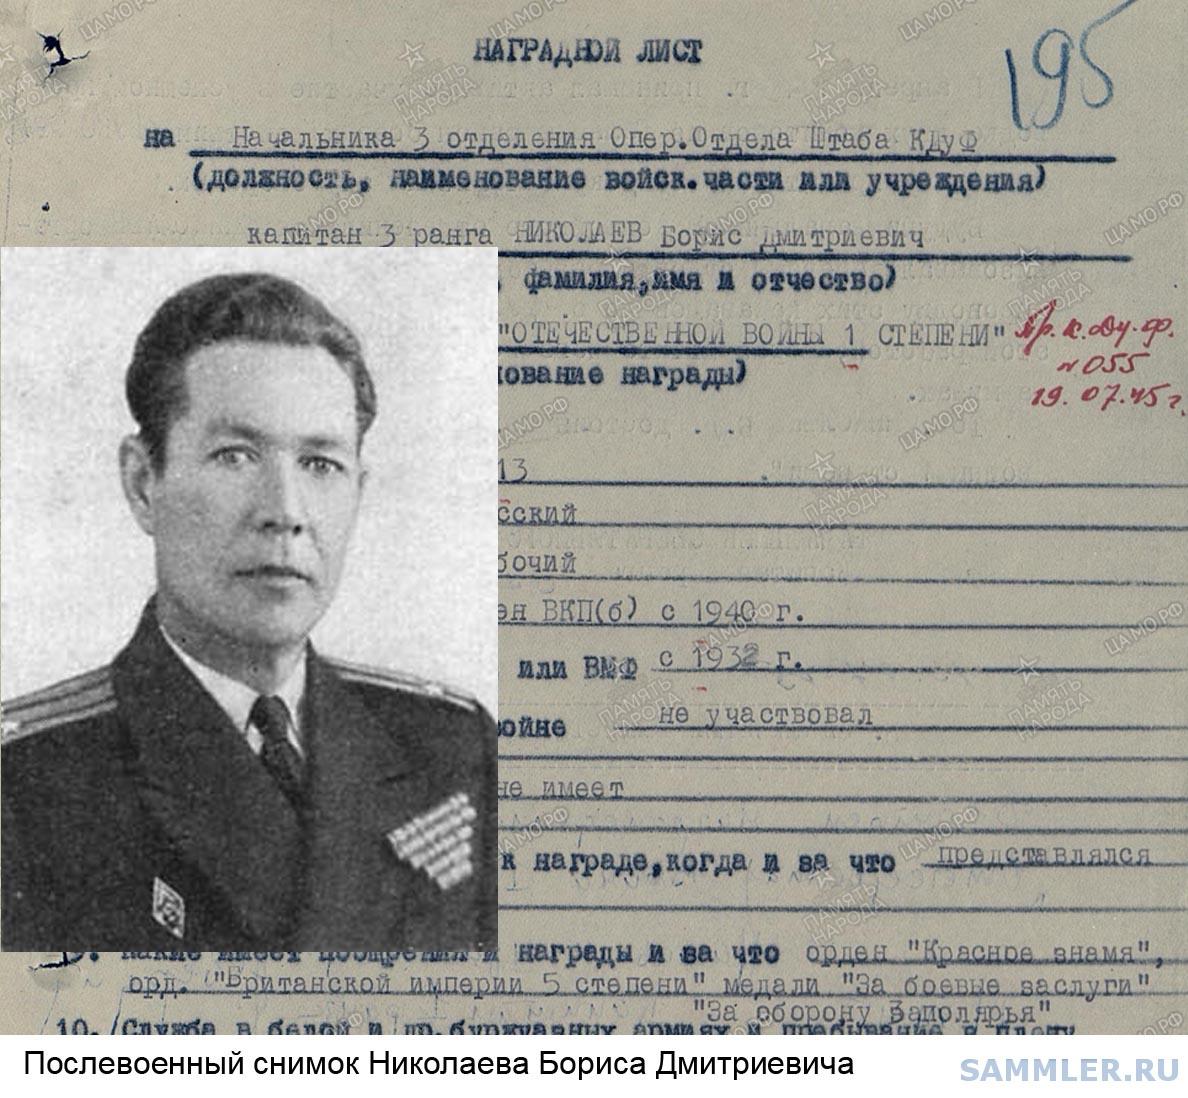 1Nikolaev1960.jpg